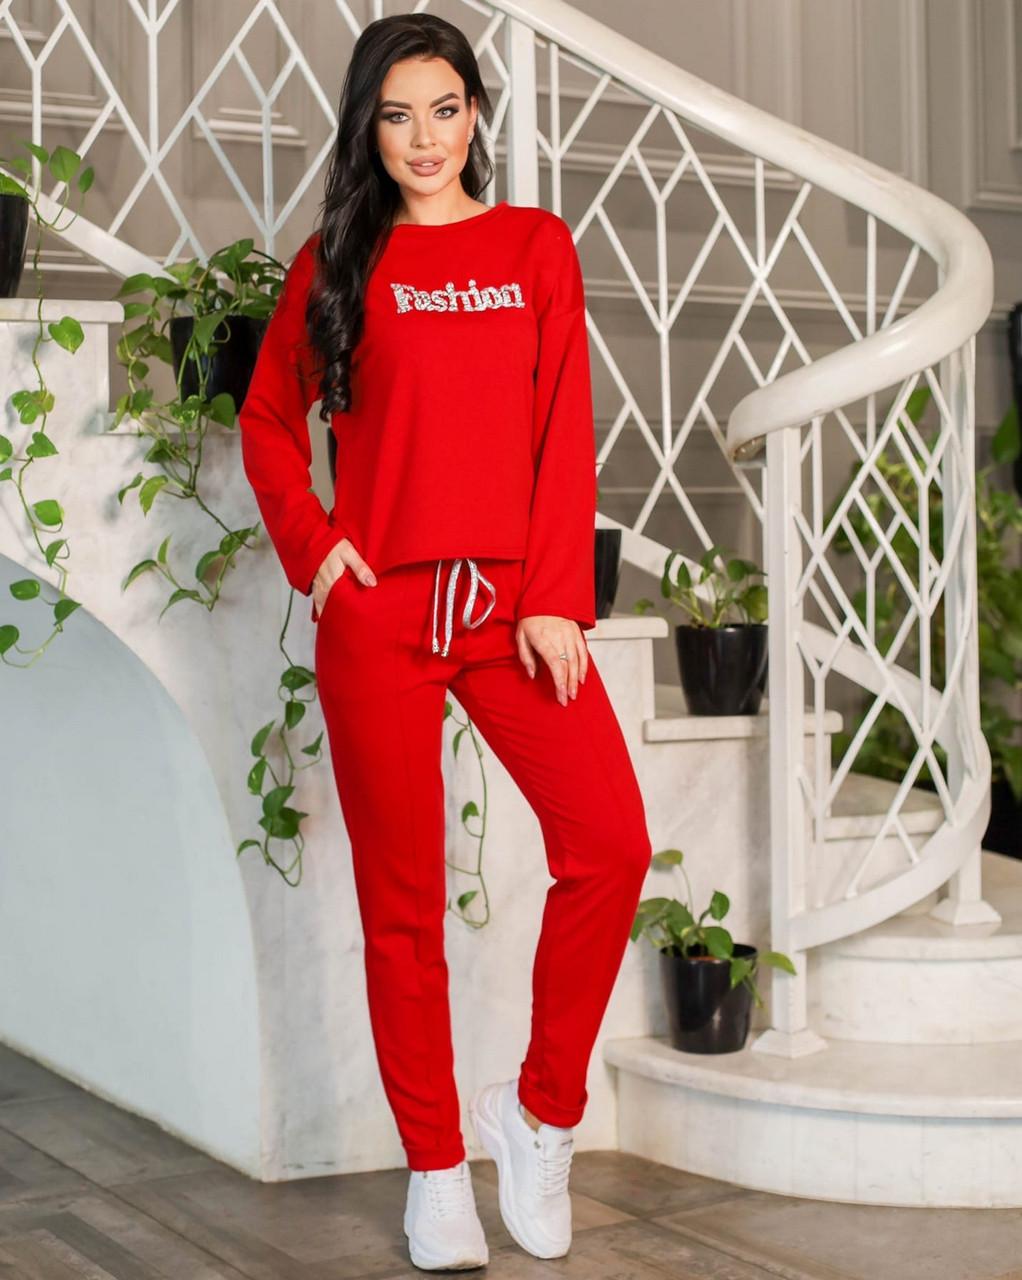 Универсальный женский костюм (брюки плюс кофта), 00720 (Красный), Размер 42 (S)